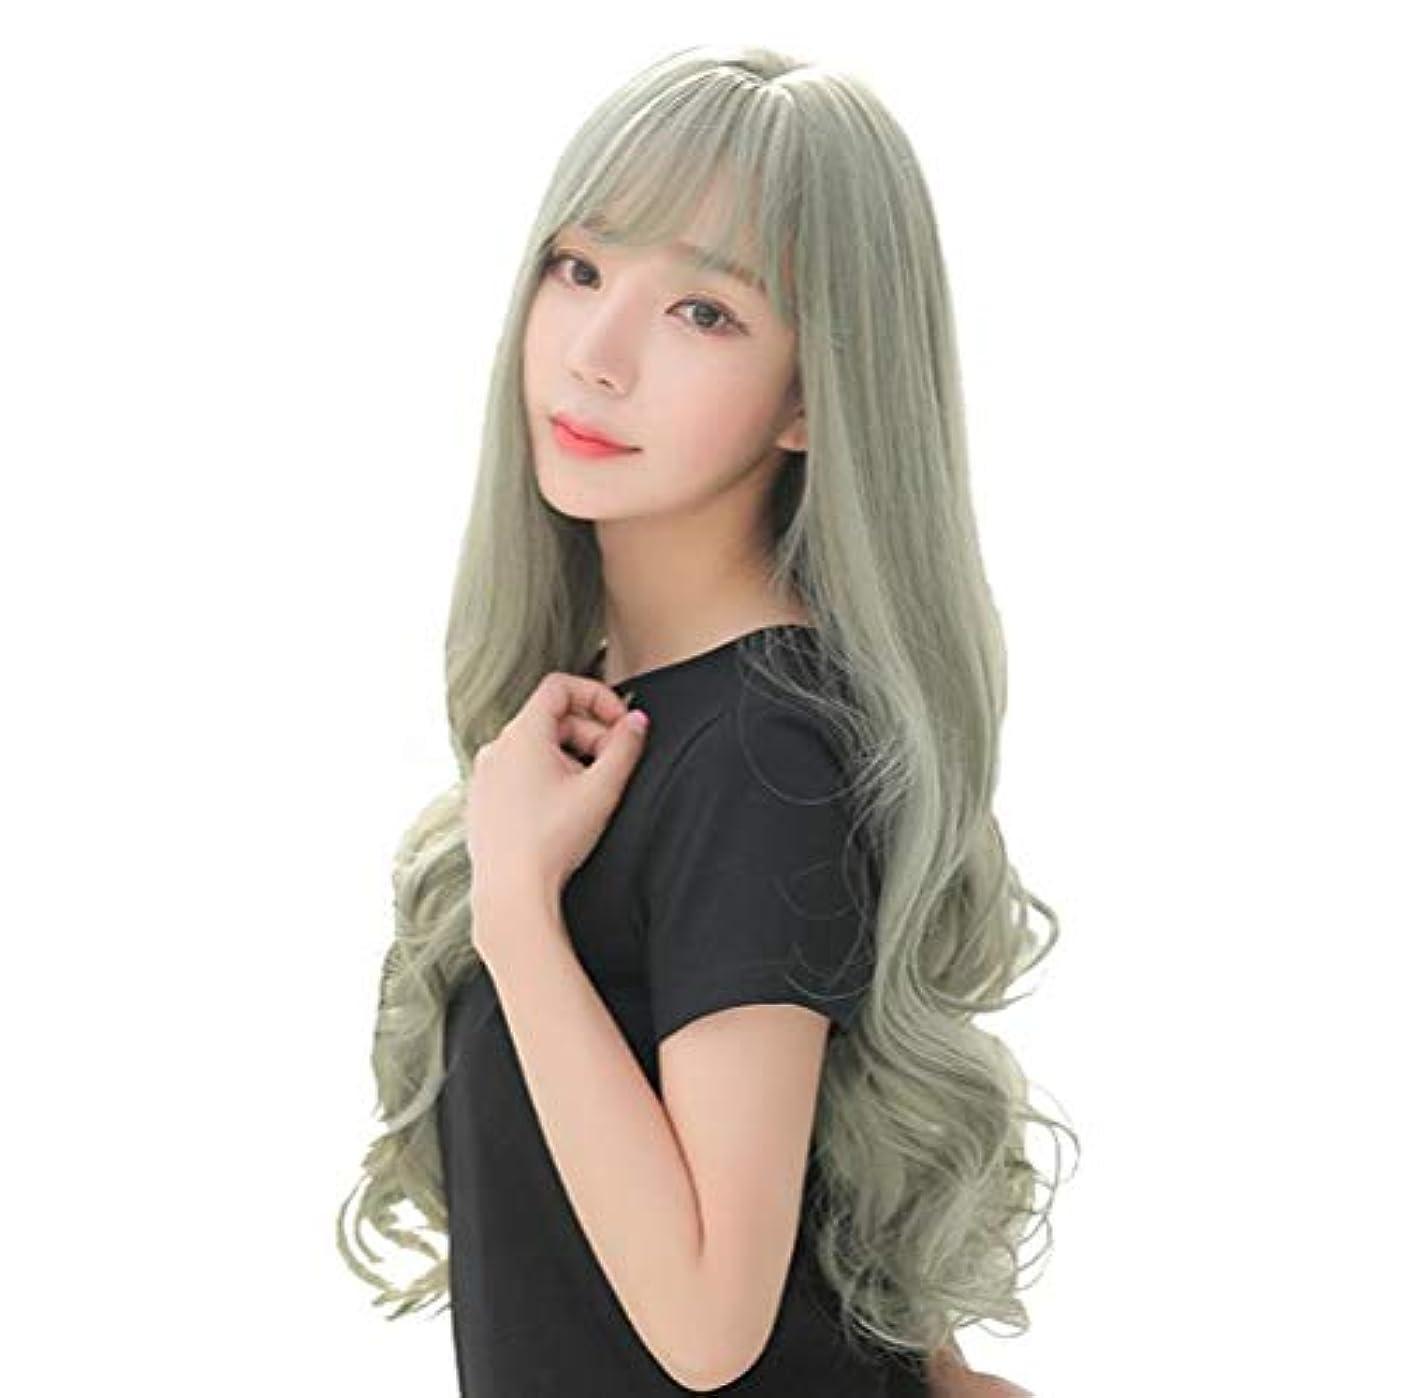 機密焼く奨励かつら女性アッシュグリーン高温シルク長い巻き毛ビッグウェーブ空気前髪 LH2203 (アッシュグリーン)